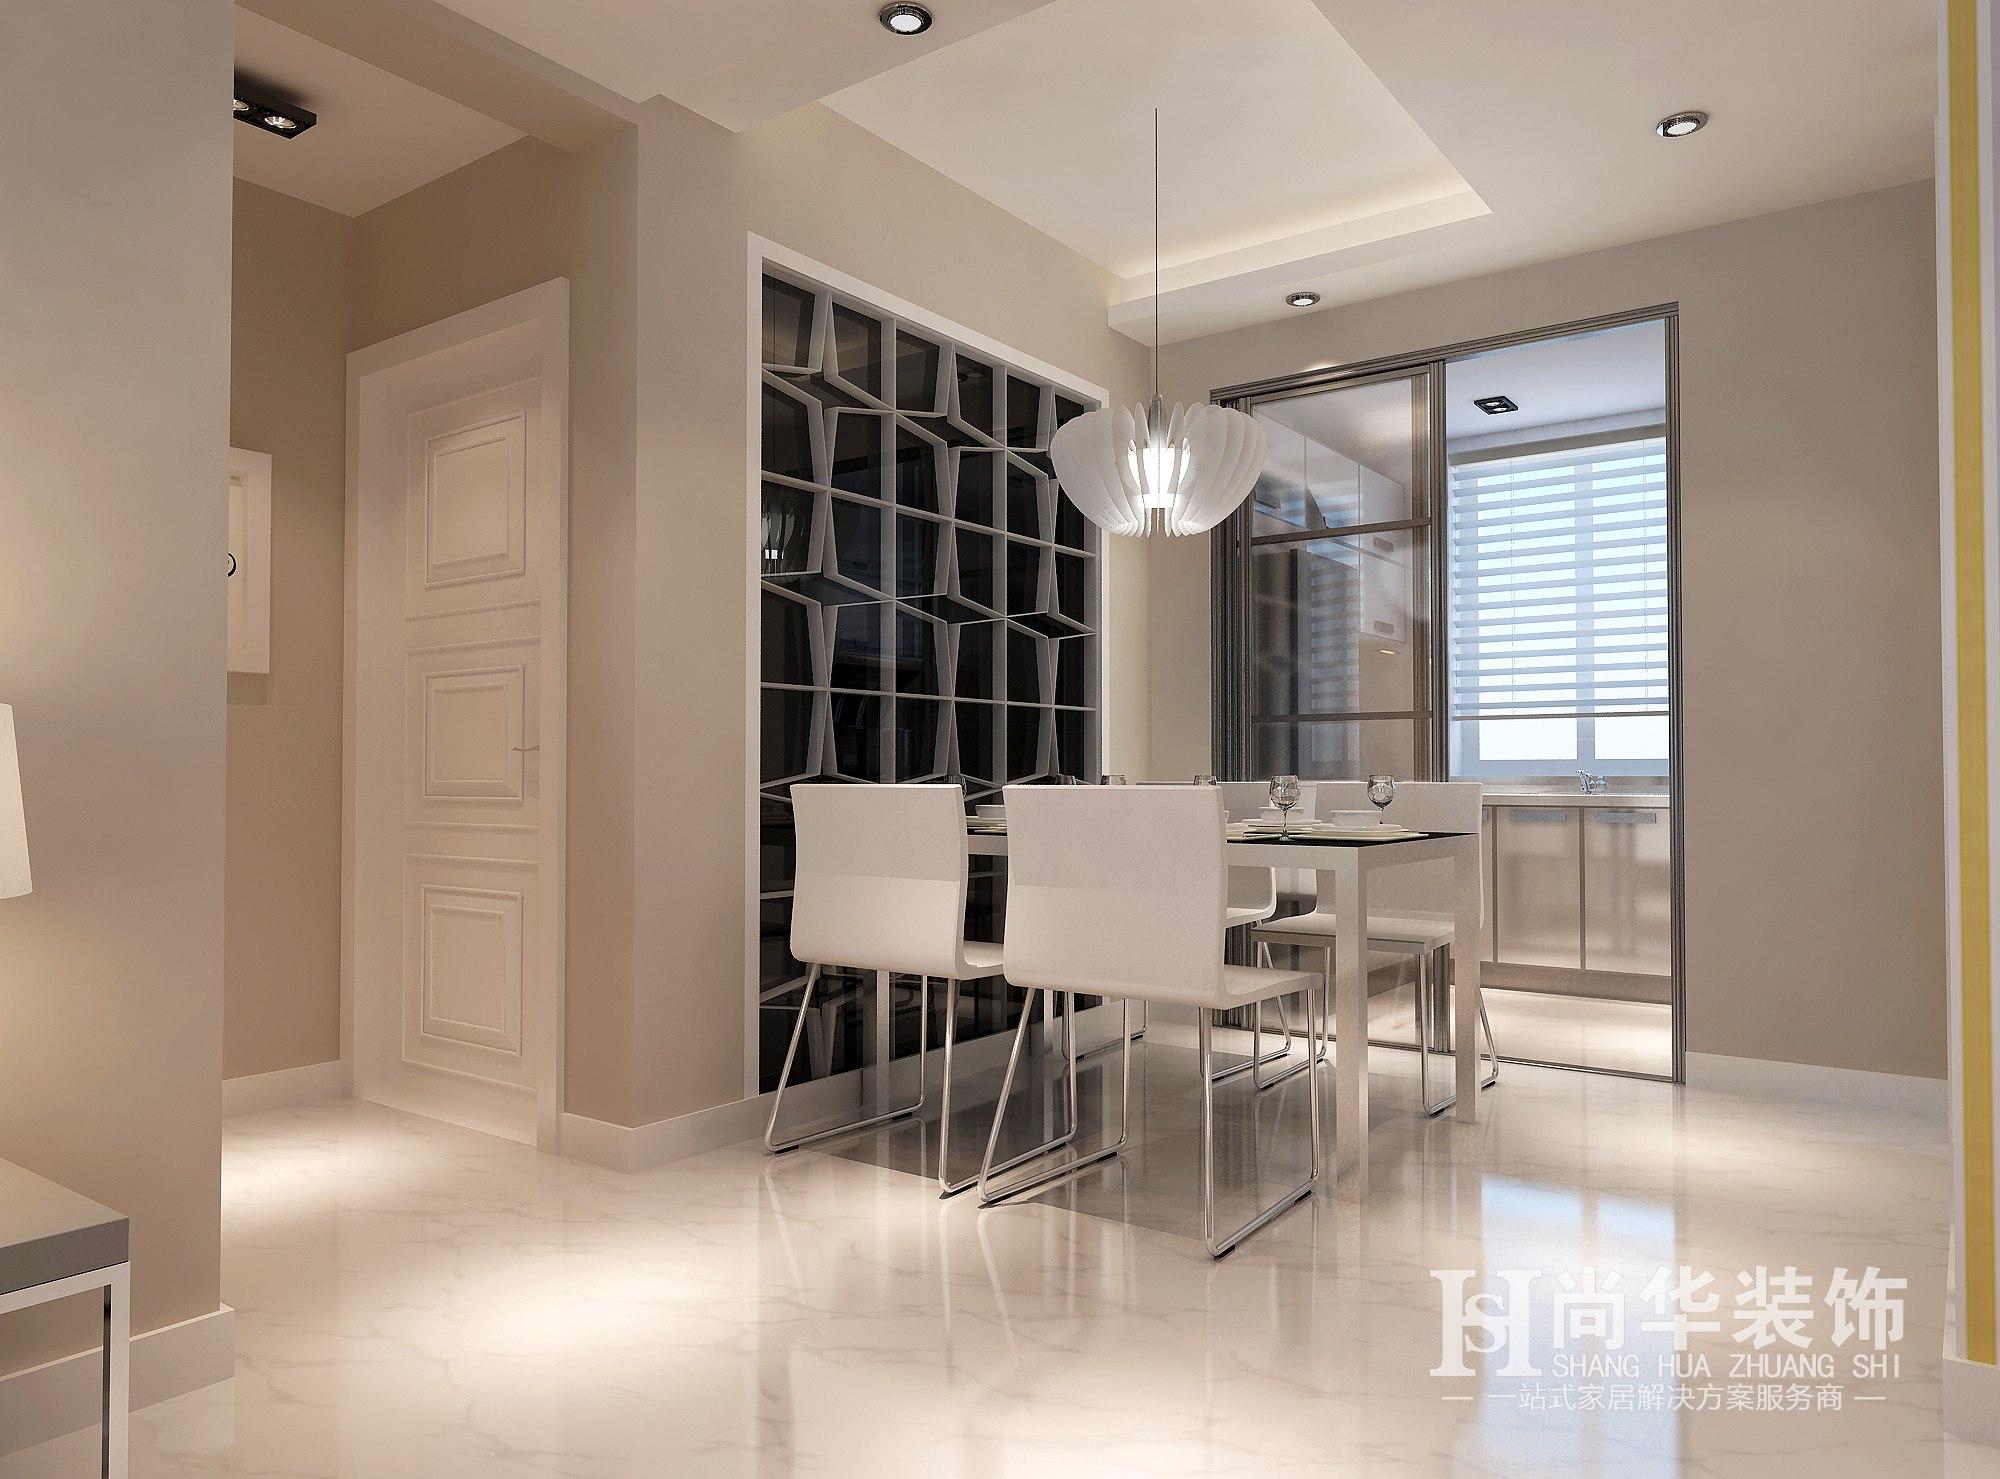 1.长沙发与茶几之间的距离 =30cm 在一个(240*90*75)的长沙发面前摆放一个(130*70*45)的长方形茶几是非常舒适的。是能允许一人通过的同时又便于使用的理想距离。 2.一个能摆放电视机的大型组合柜的最小尺寸=200*50*180 这种类型的家具一般都是由大小不同的方格组成,高处部分比较适合用来摆放书籍,柜体厚度至少保持30厘米;而低处用于摆放电视的柜体厚度至少保持50厘米。